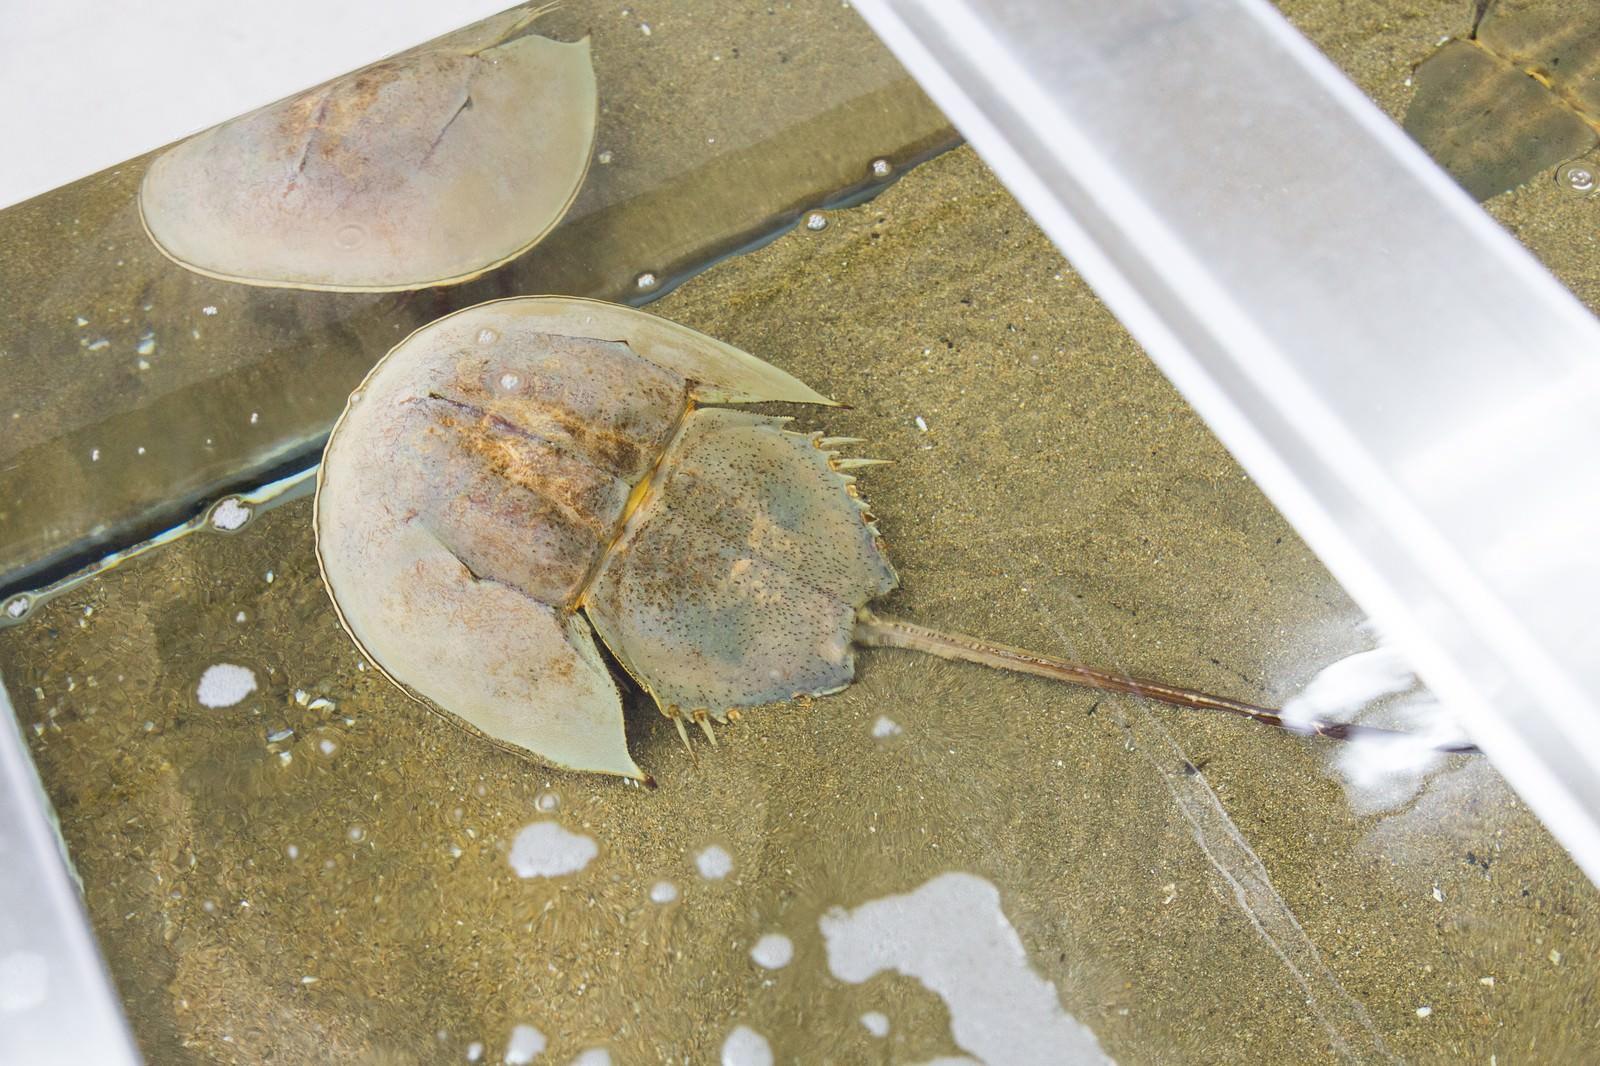 「伊万里湾のカブトガニ(飼育室)」の写真